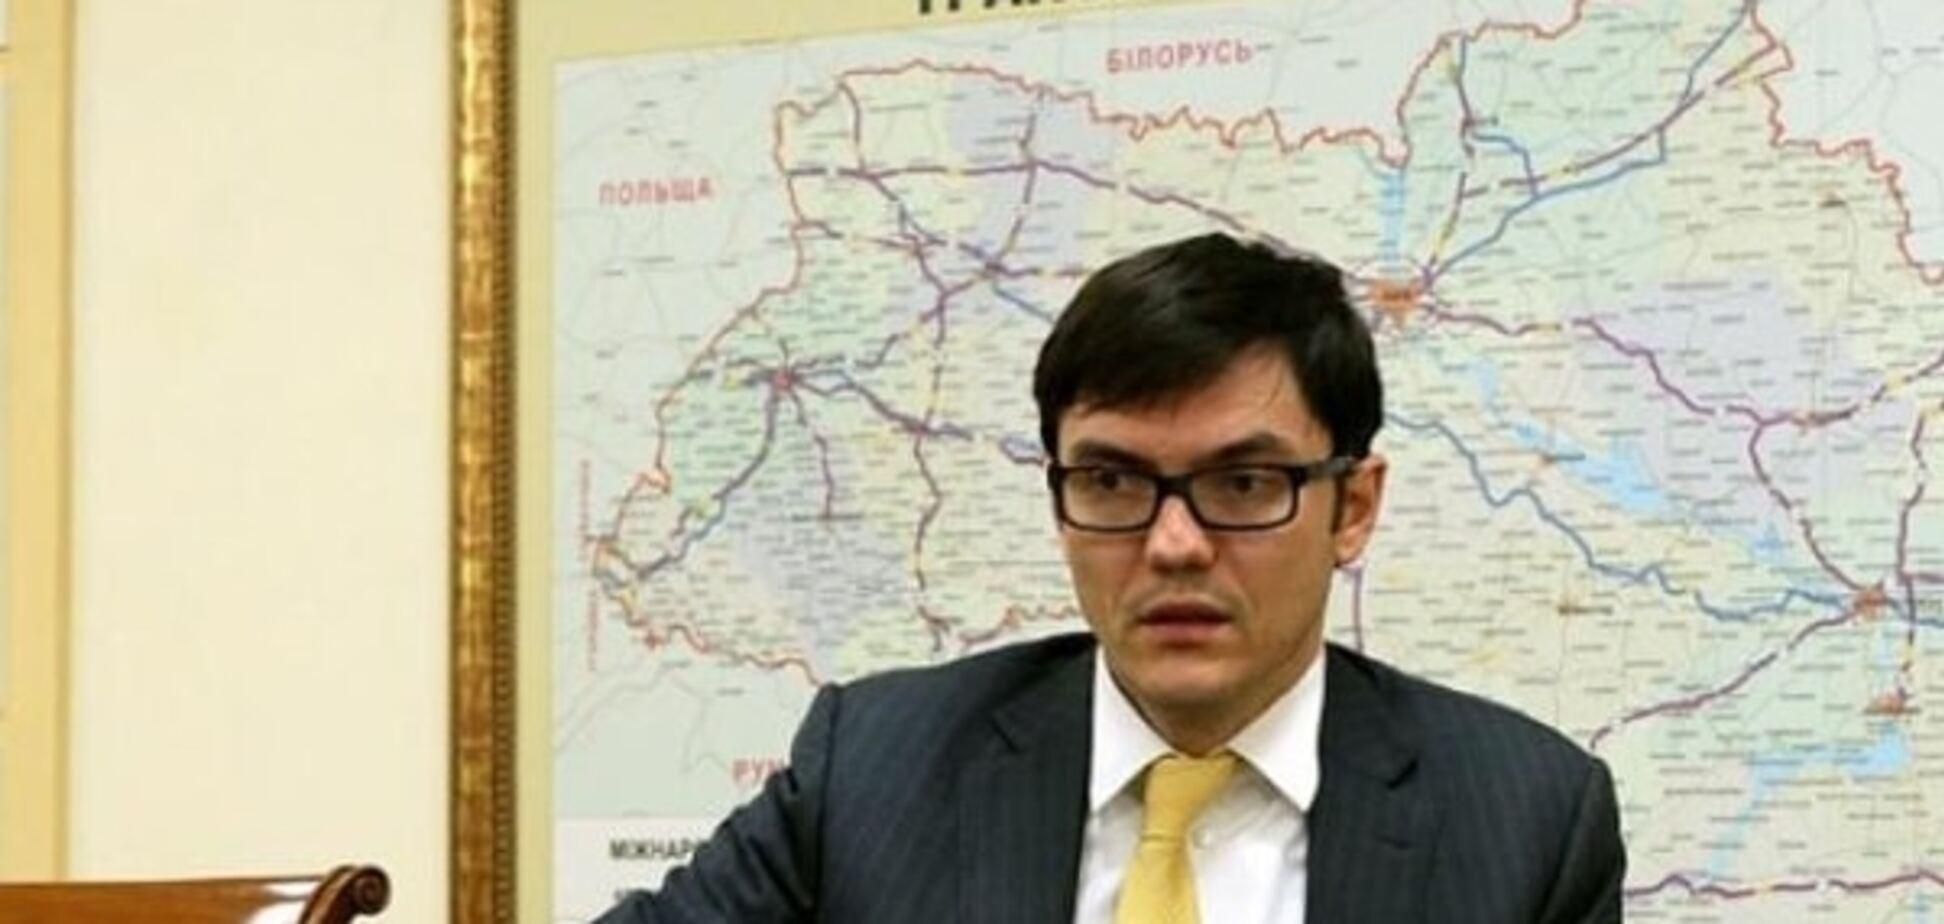 Андрей Пивоварский: там, где ездят 60-тонники, дорог нет - есть куски асфальта